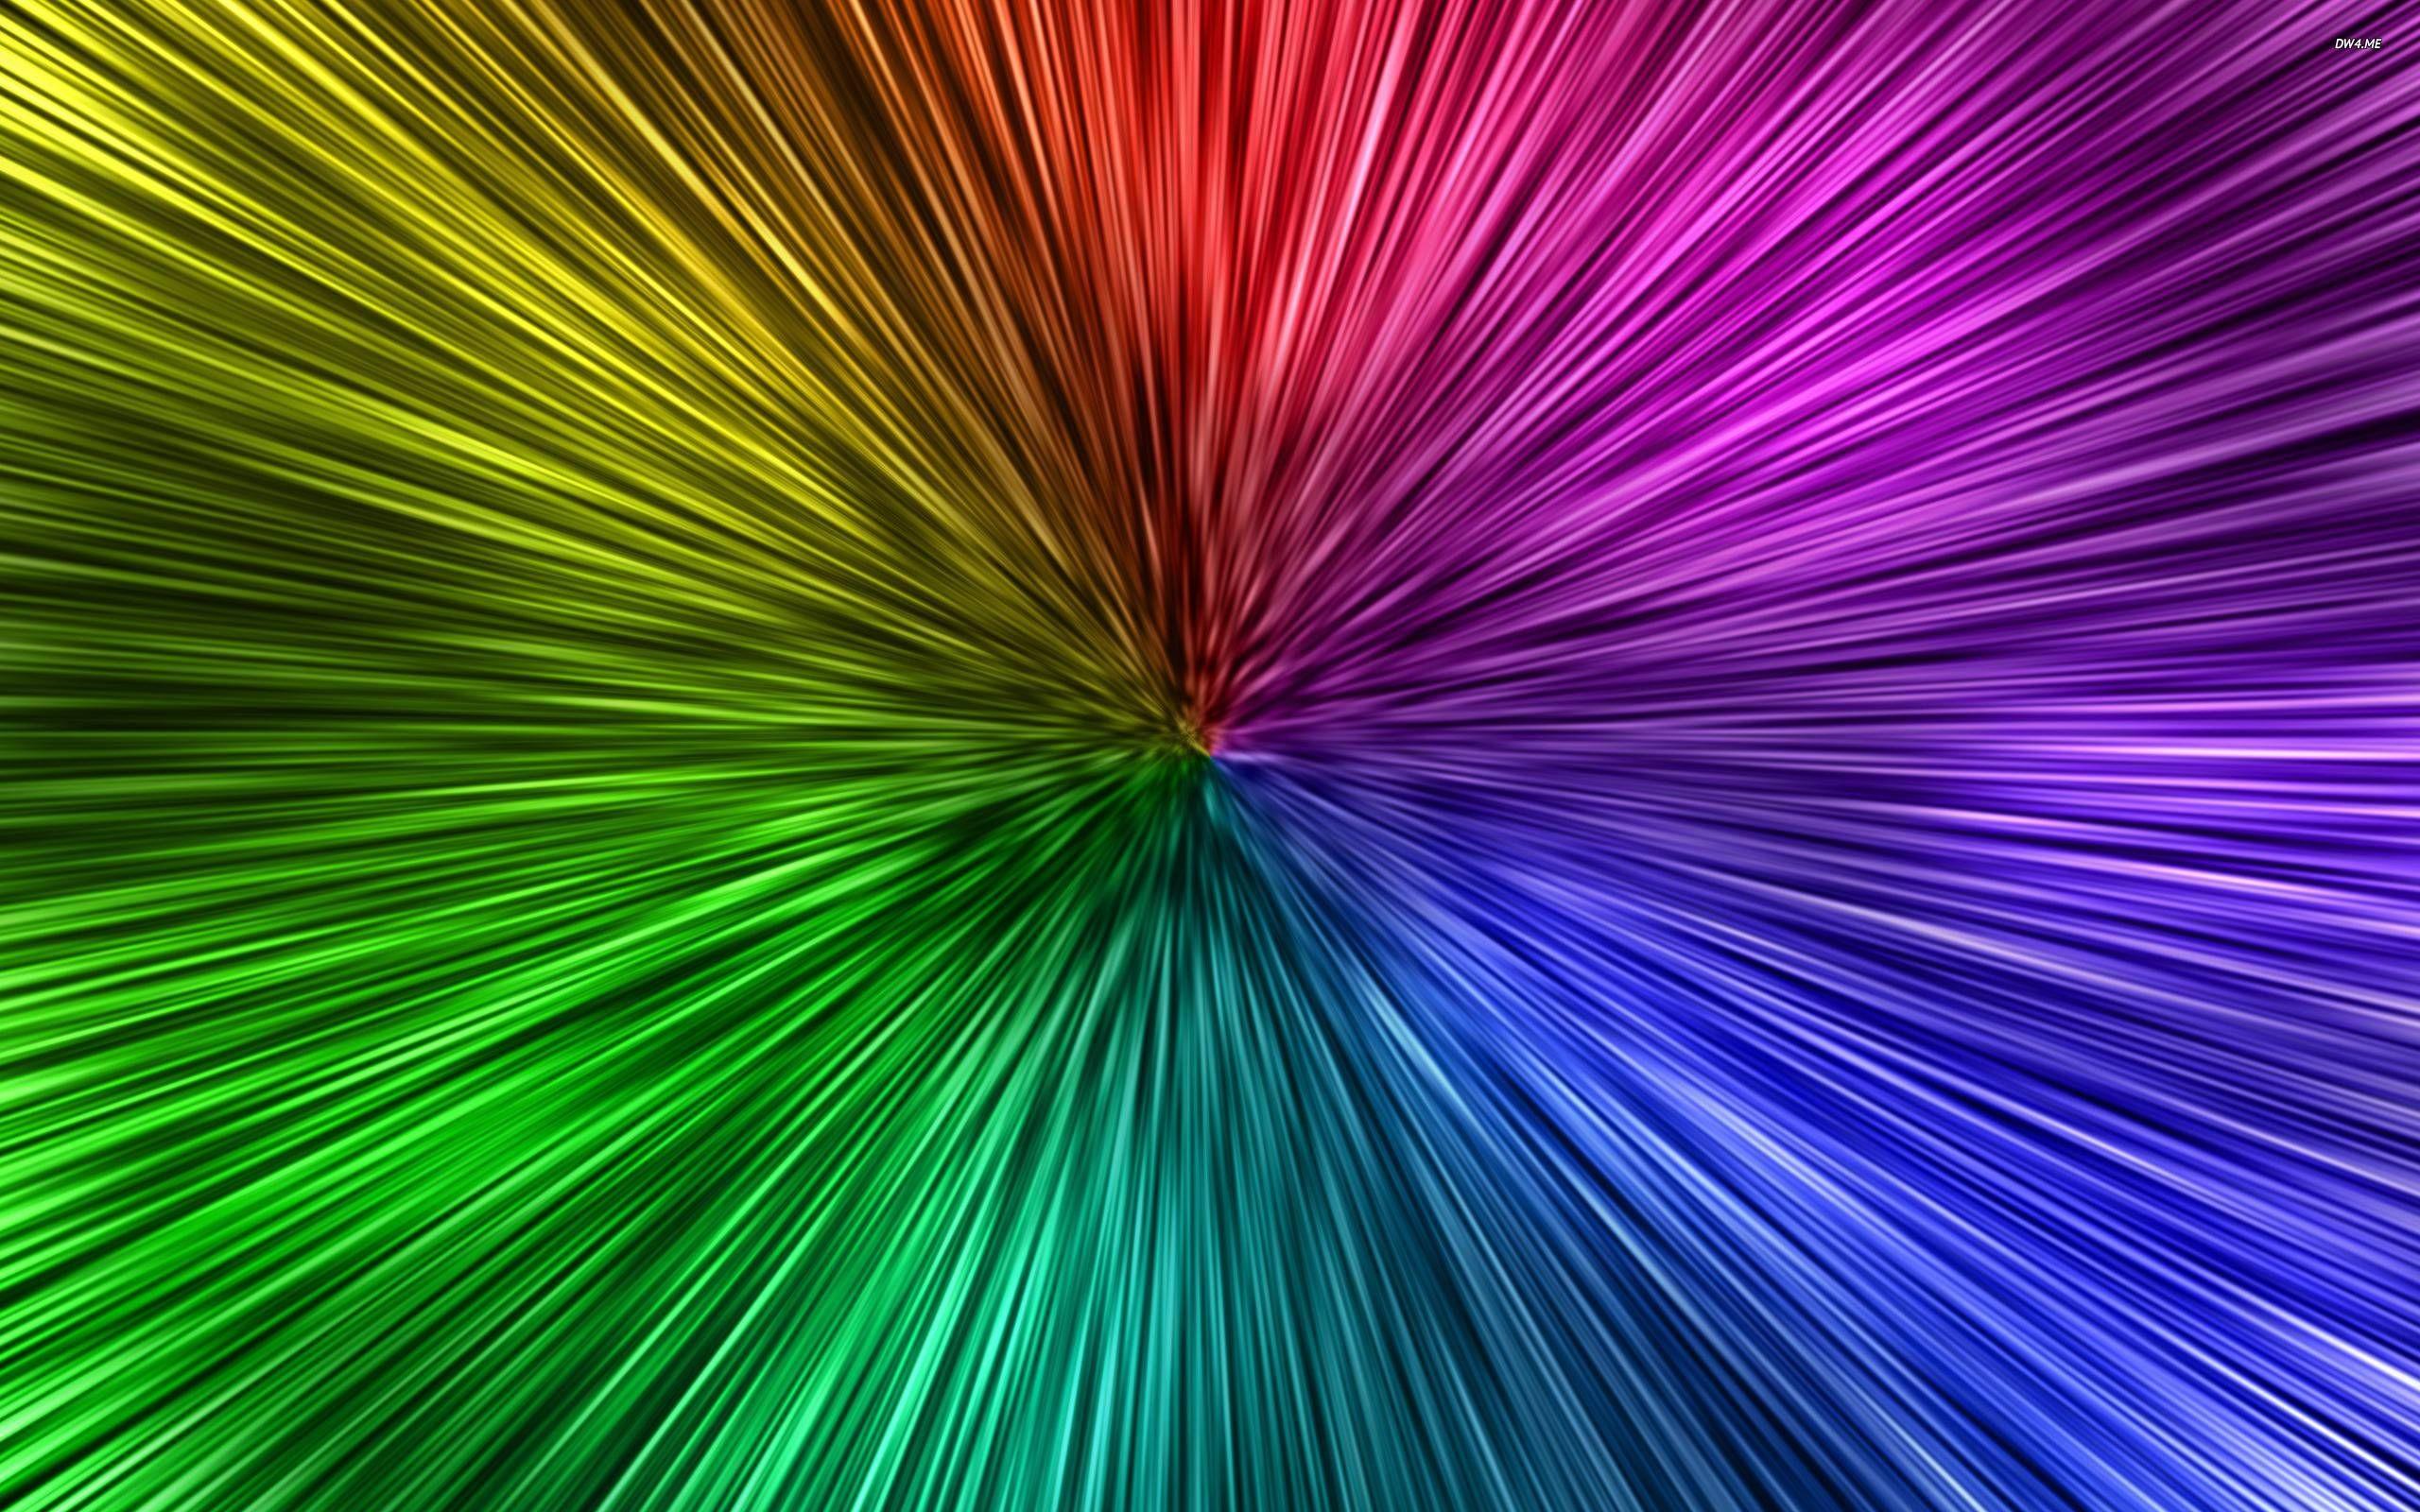 Art Neon Abstract 24394